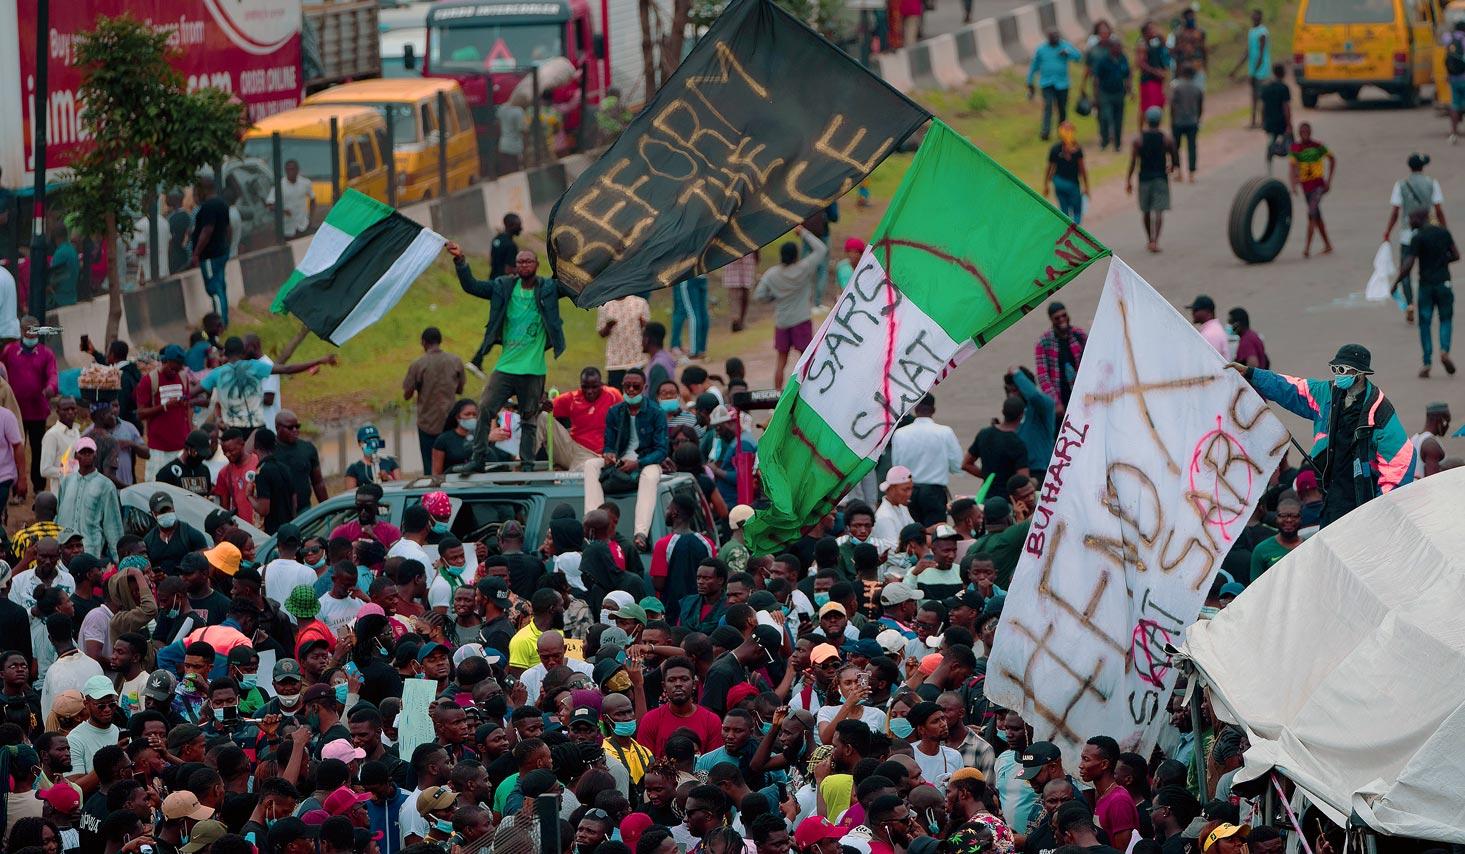 manifestation-sars-nigeria_Ayoola-Salako